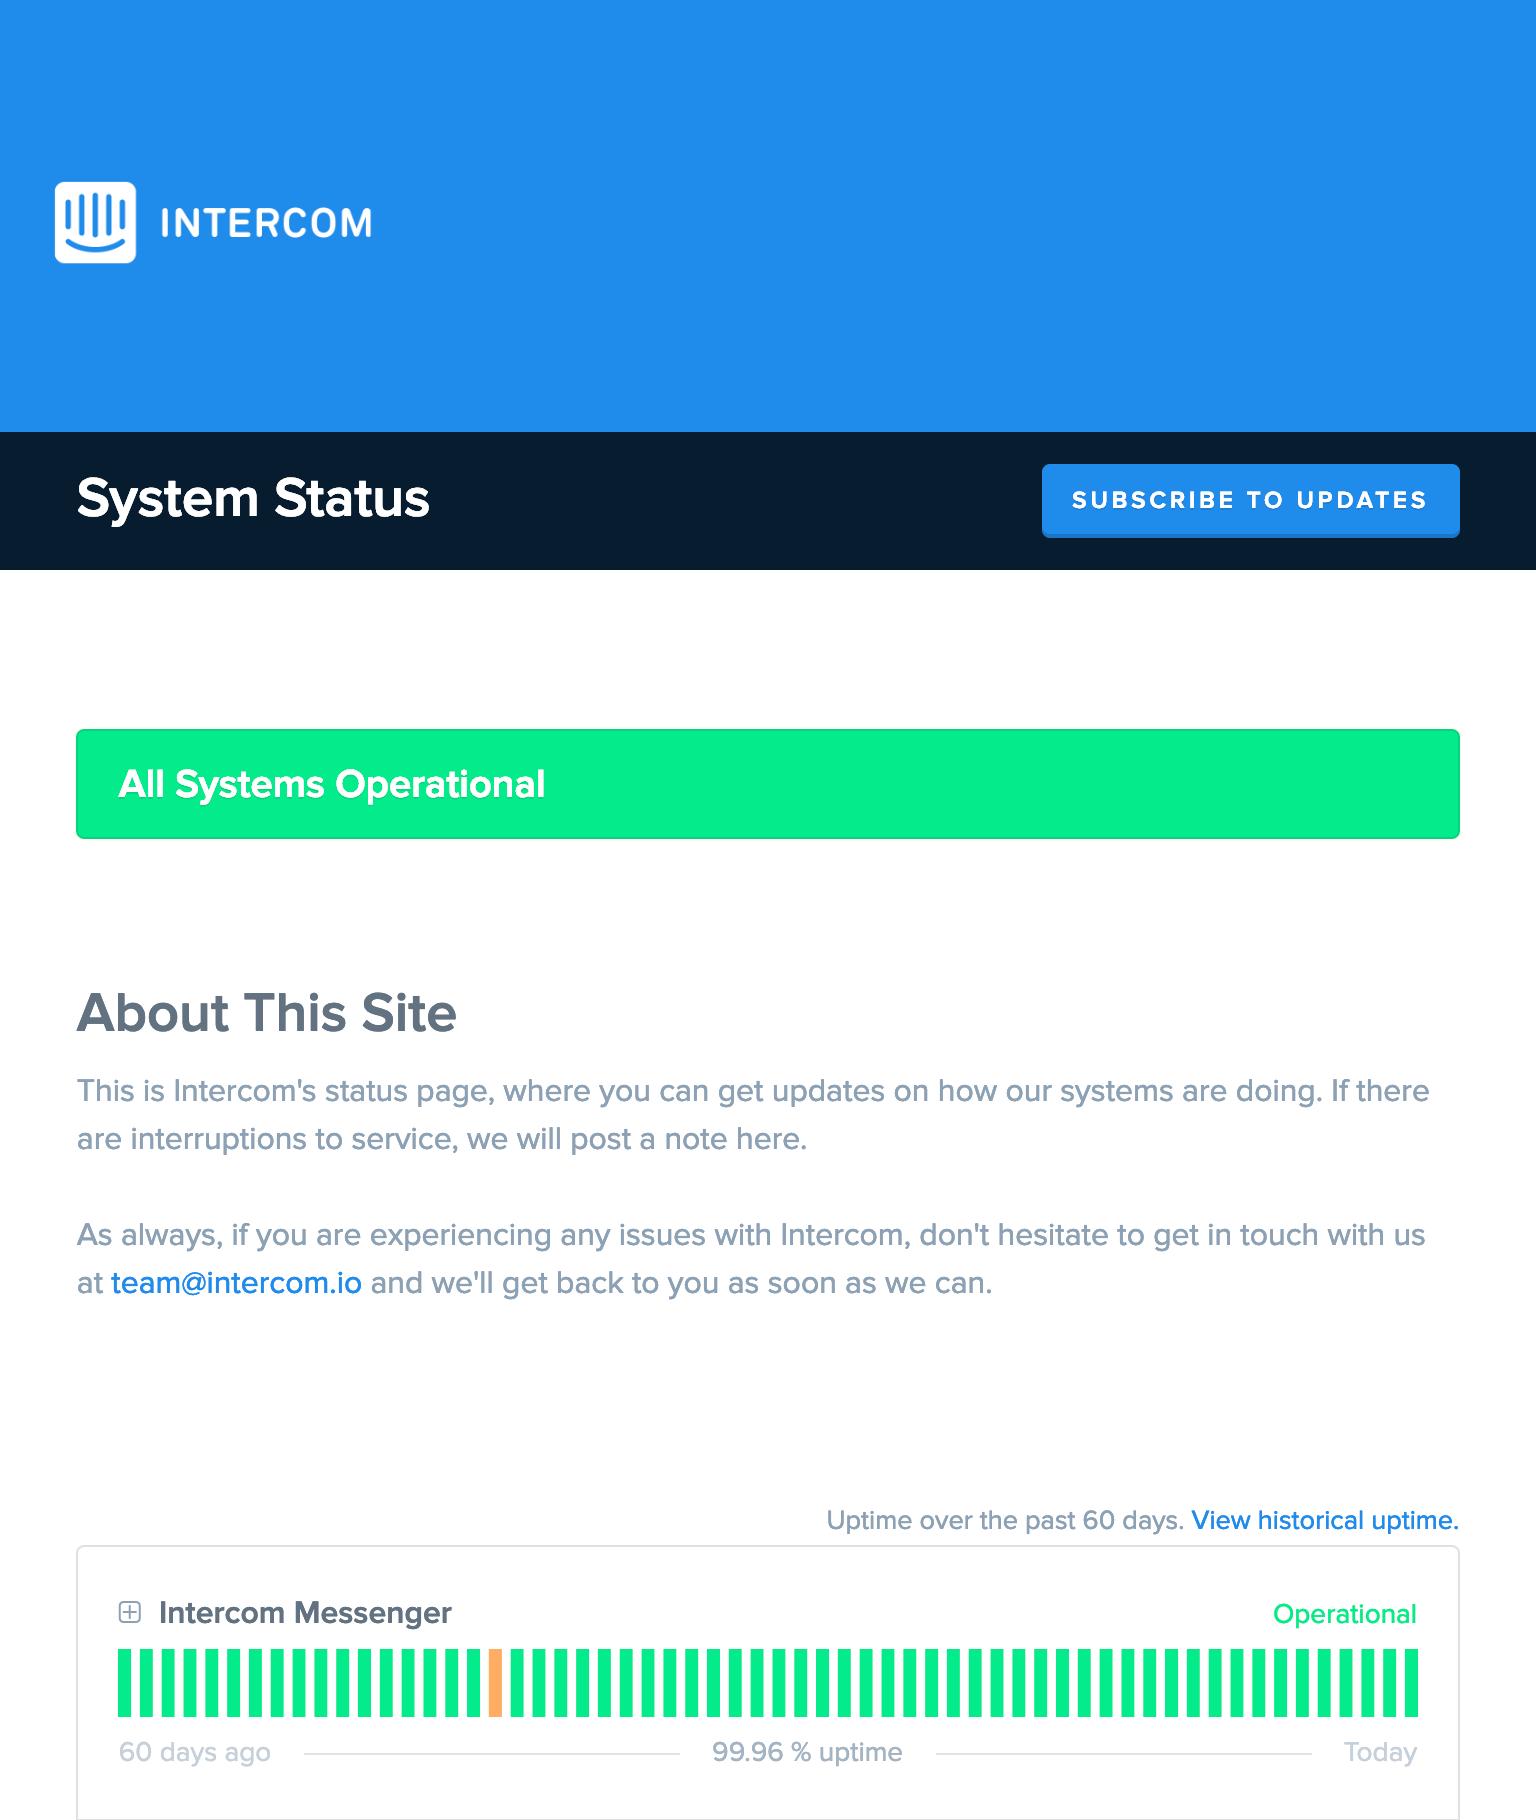 Lista de verificação de status da Intercom